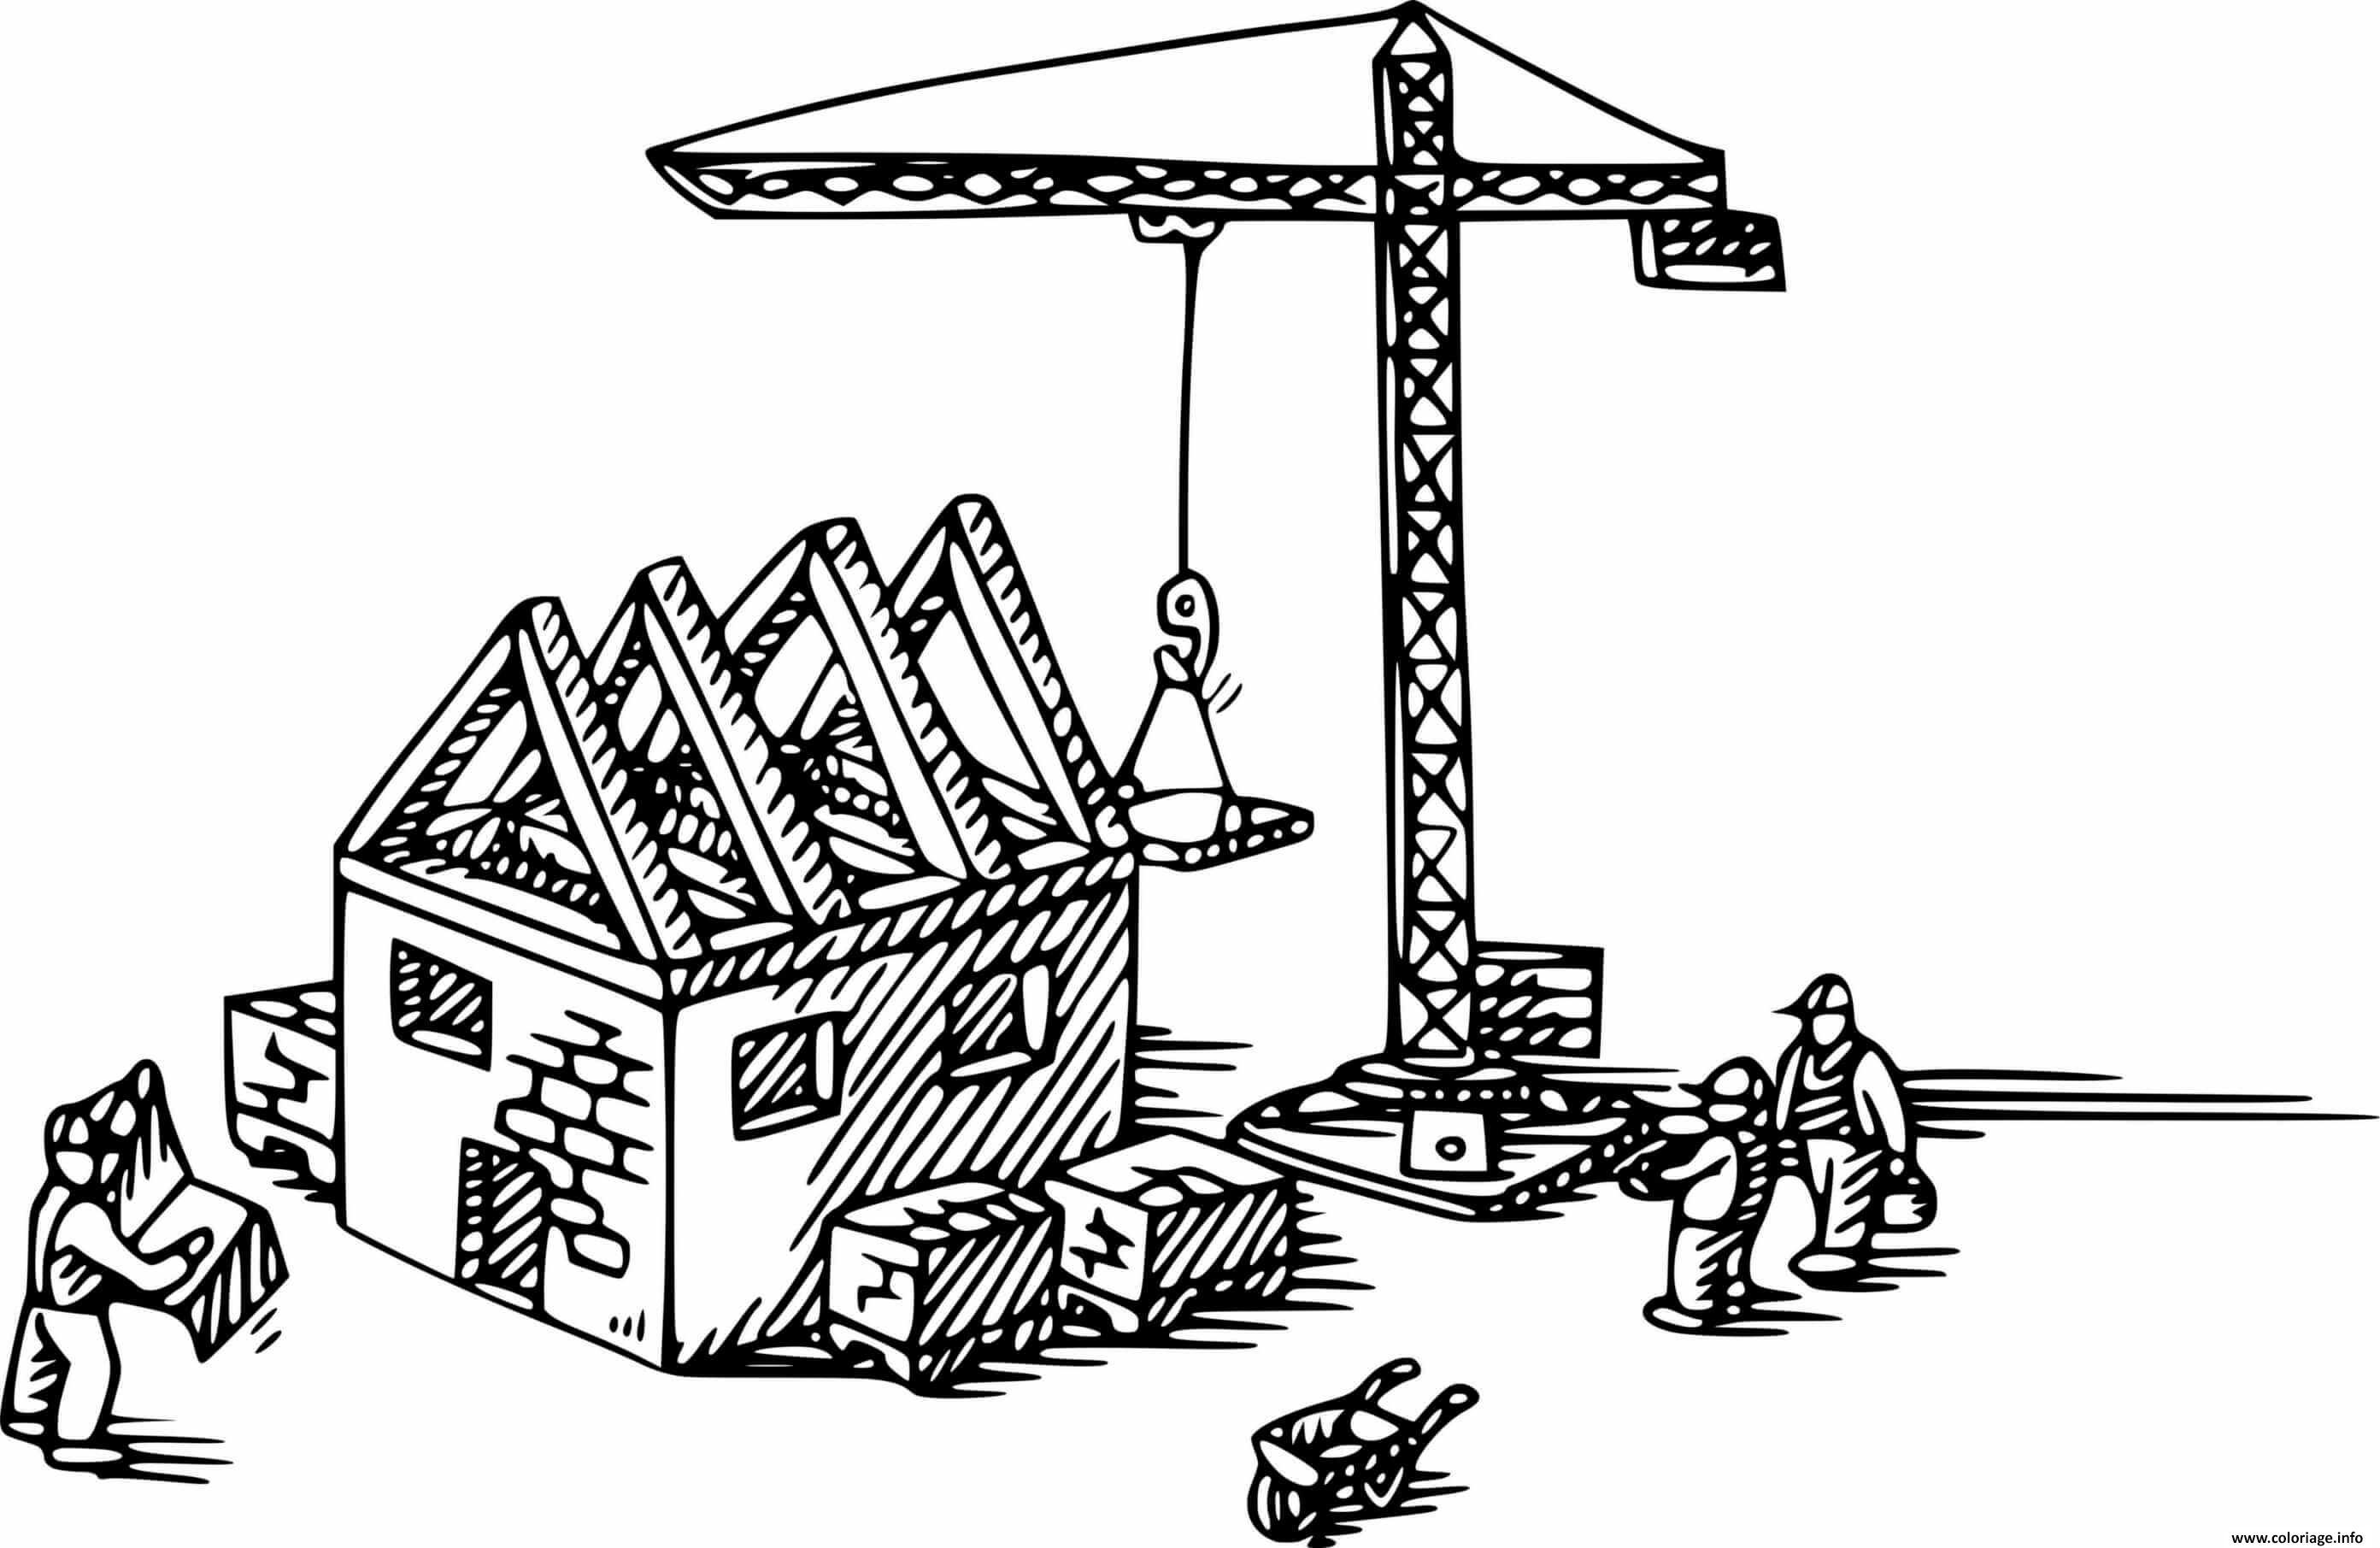 Dessin grue chantier de construction maison Coloriage Gratuit à Imprimer